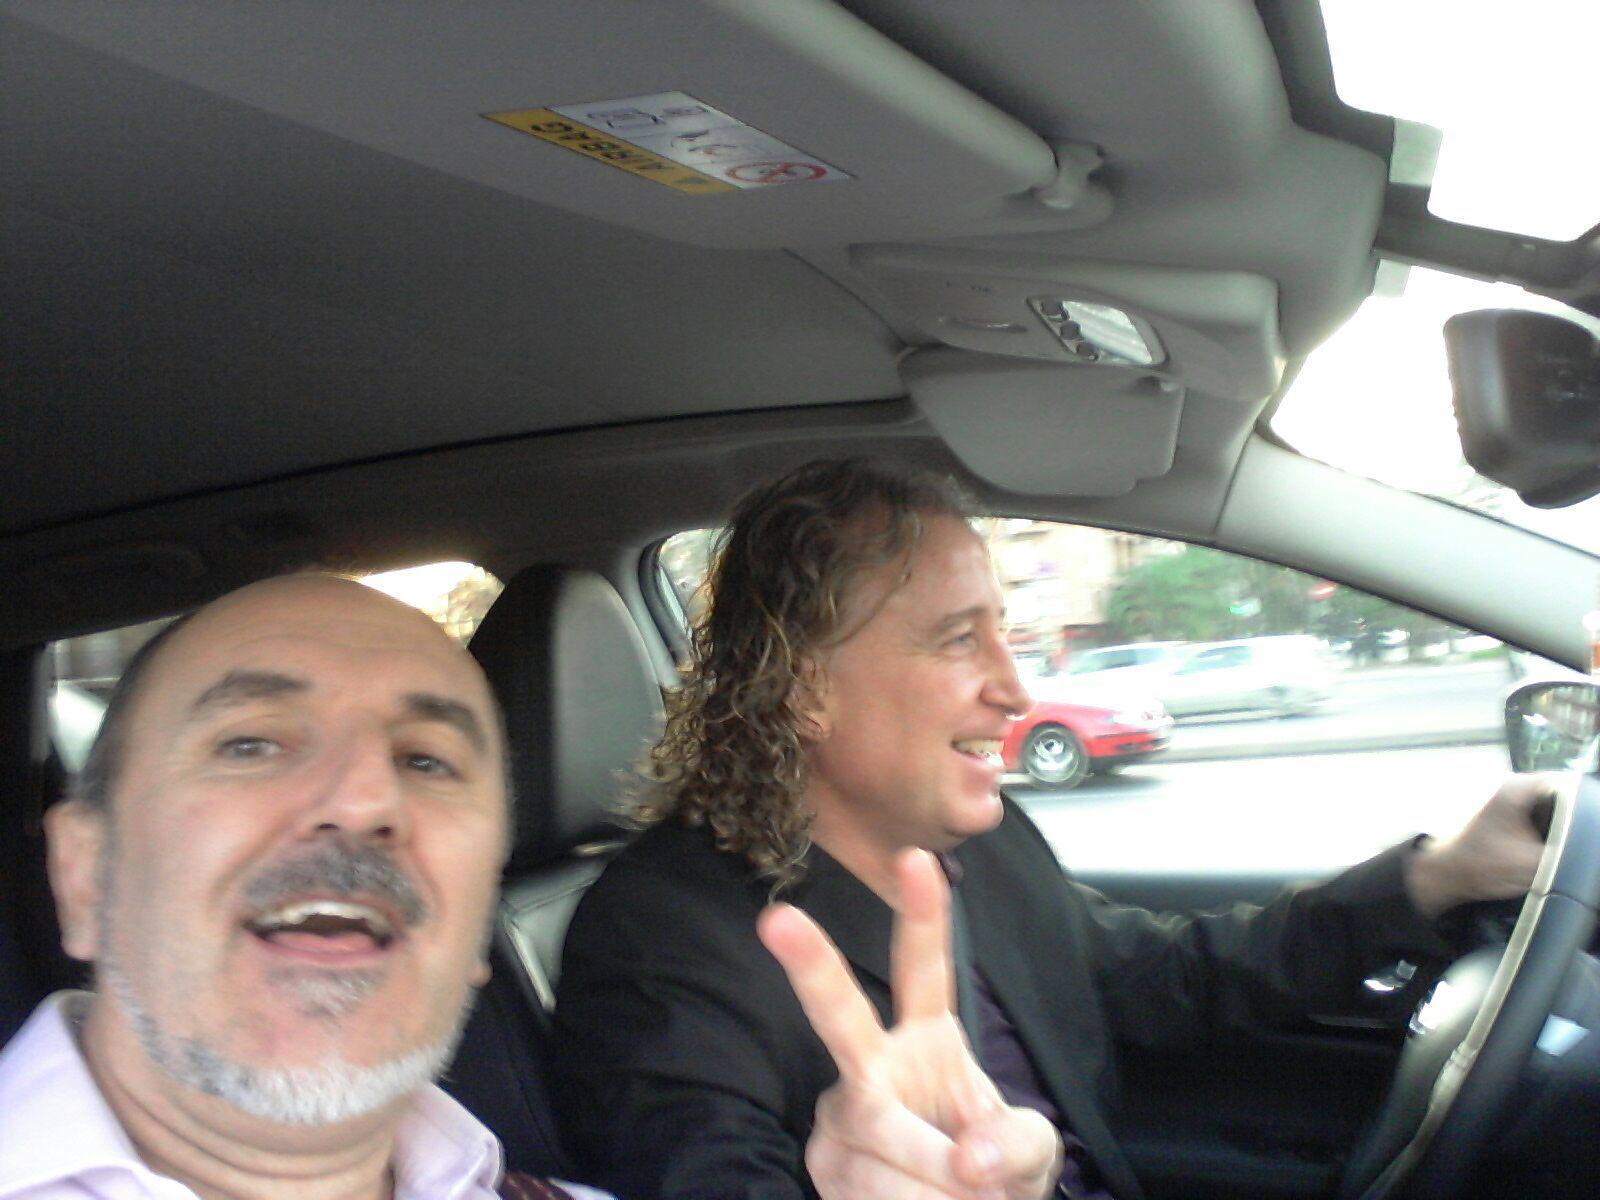 Con Fernando SuperPyme camino de Kinepolis donde impartíamos una conferencia. Menudo crack este Fernando :))